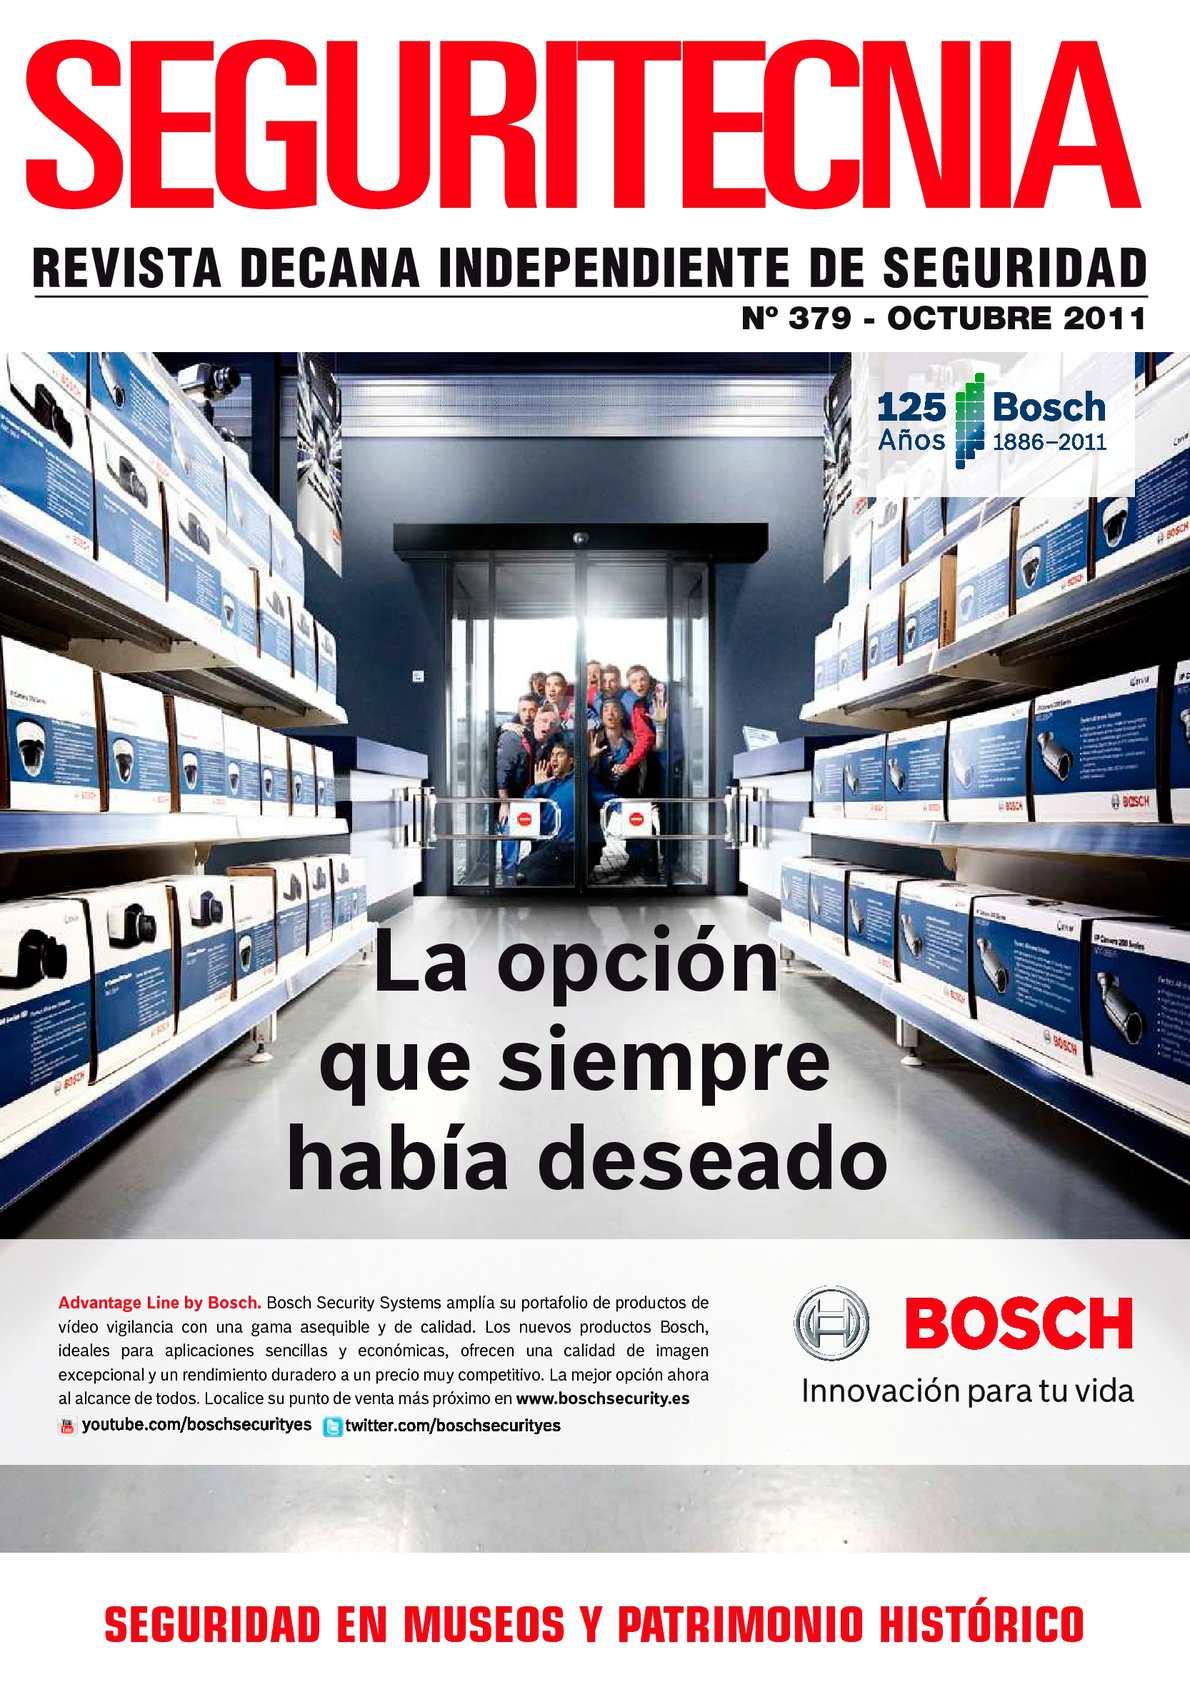 Bosch 1 987 432 066 filtros interior espacio aéreo